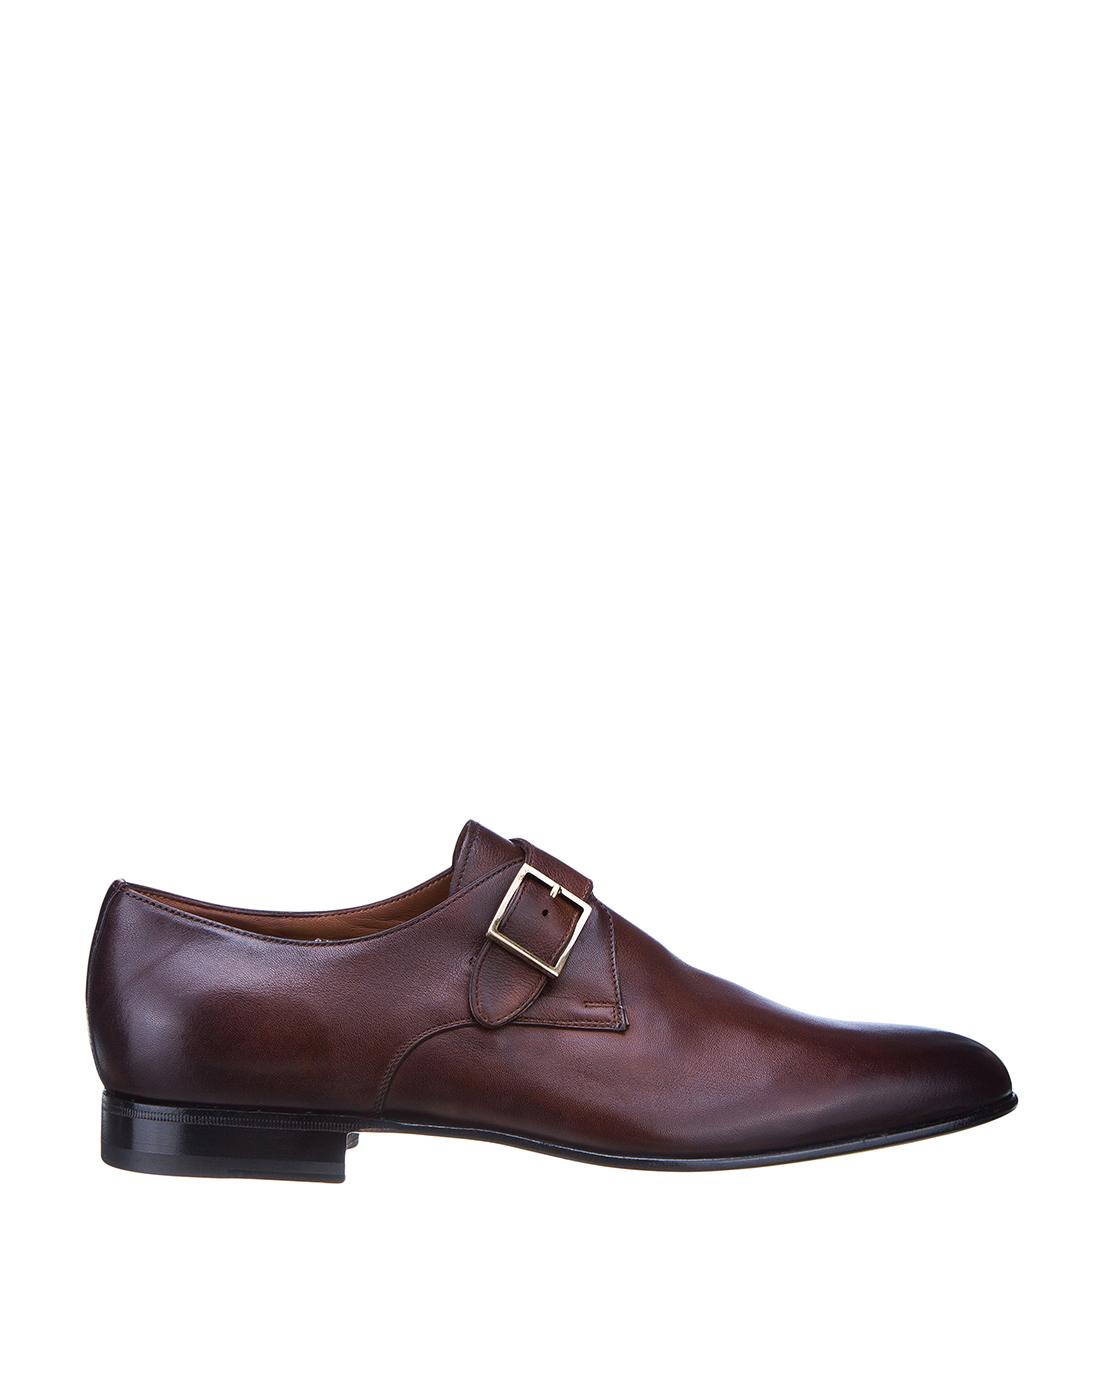 Туфли коричневые мужские Santoni SMCKE16478LA1NGTQM48-1